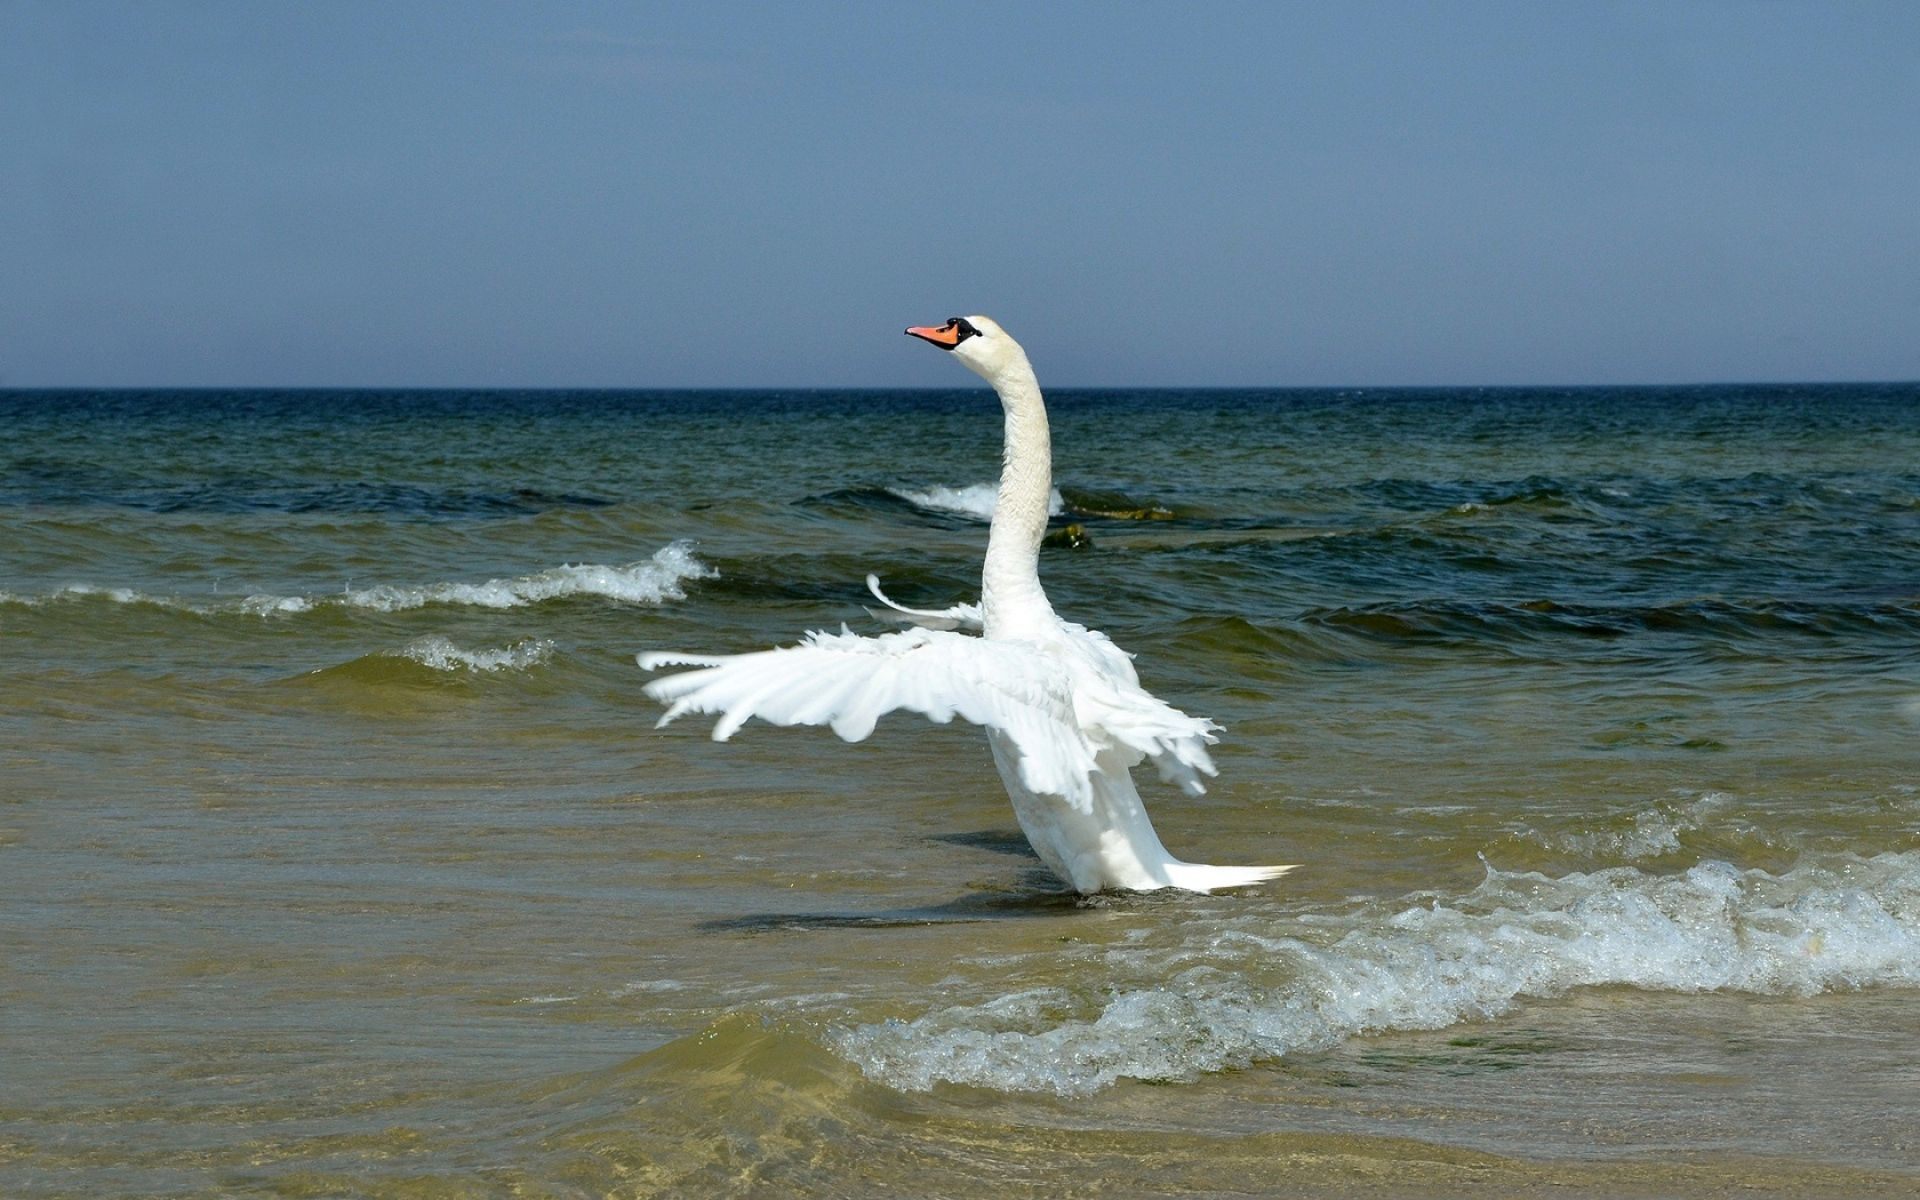 cisne blanco wallpapers - Buscar con Google